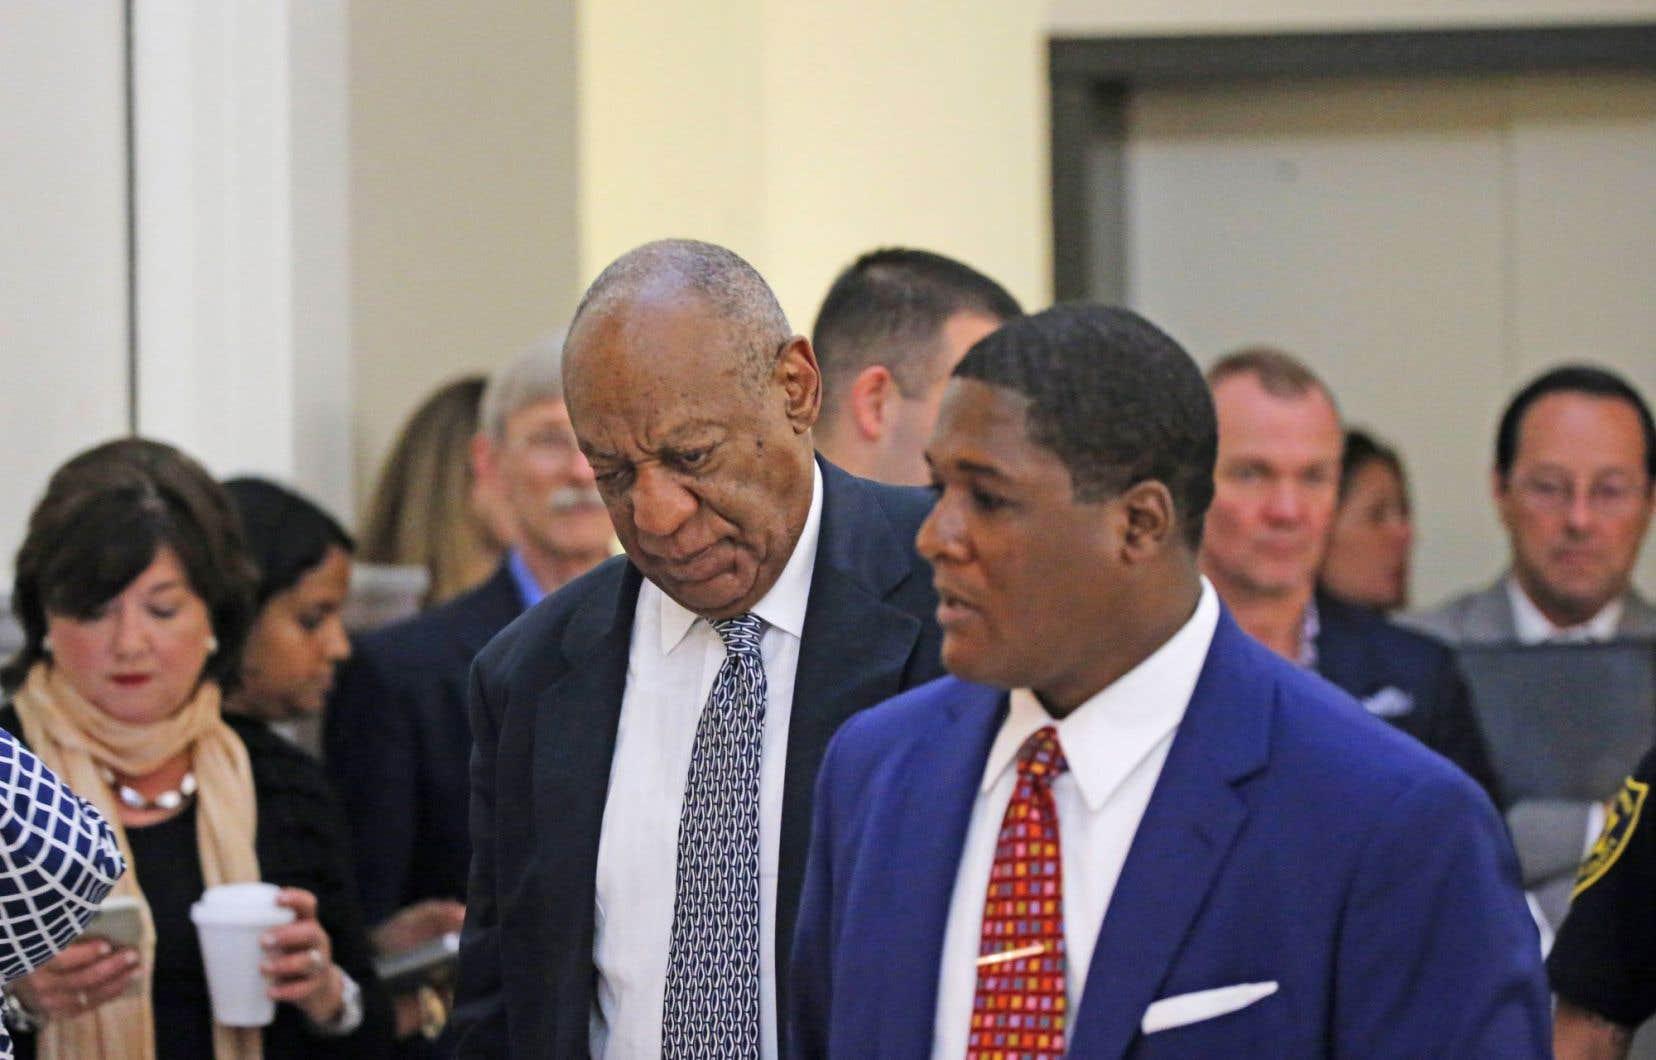 L'acteur Bill Cosby se rend à la salle d'audience pour le cinquième jour de délibérations de son procès.